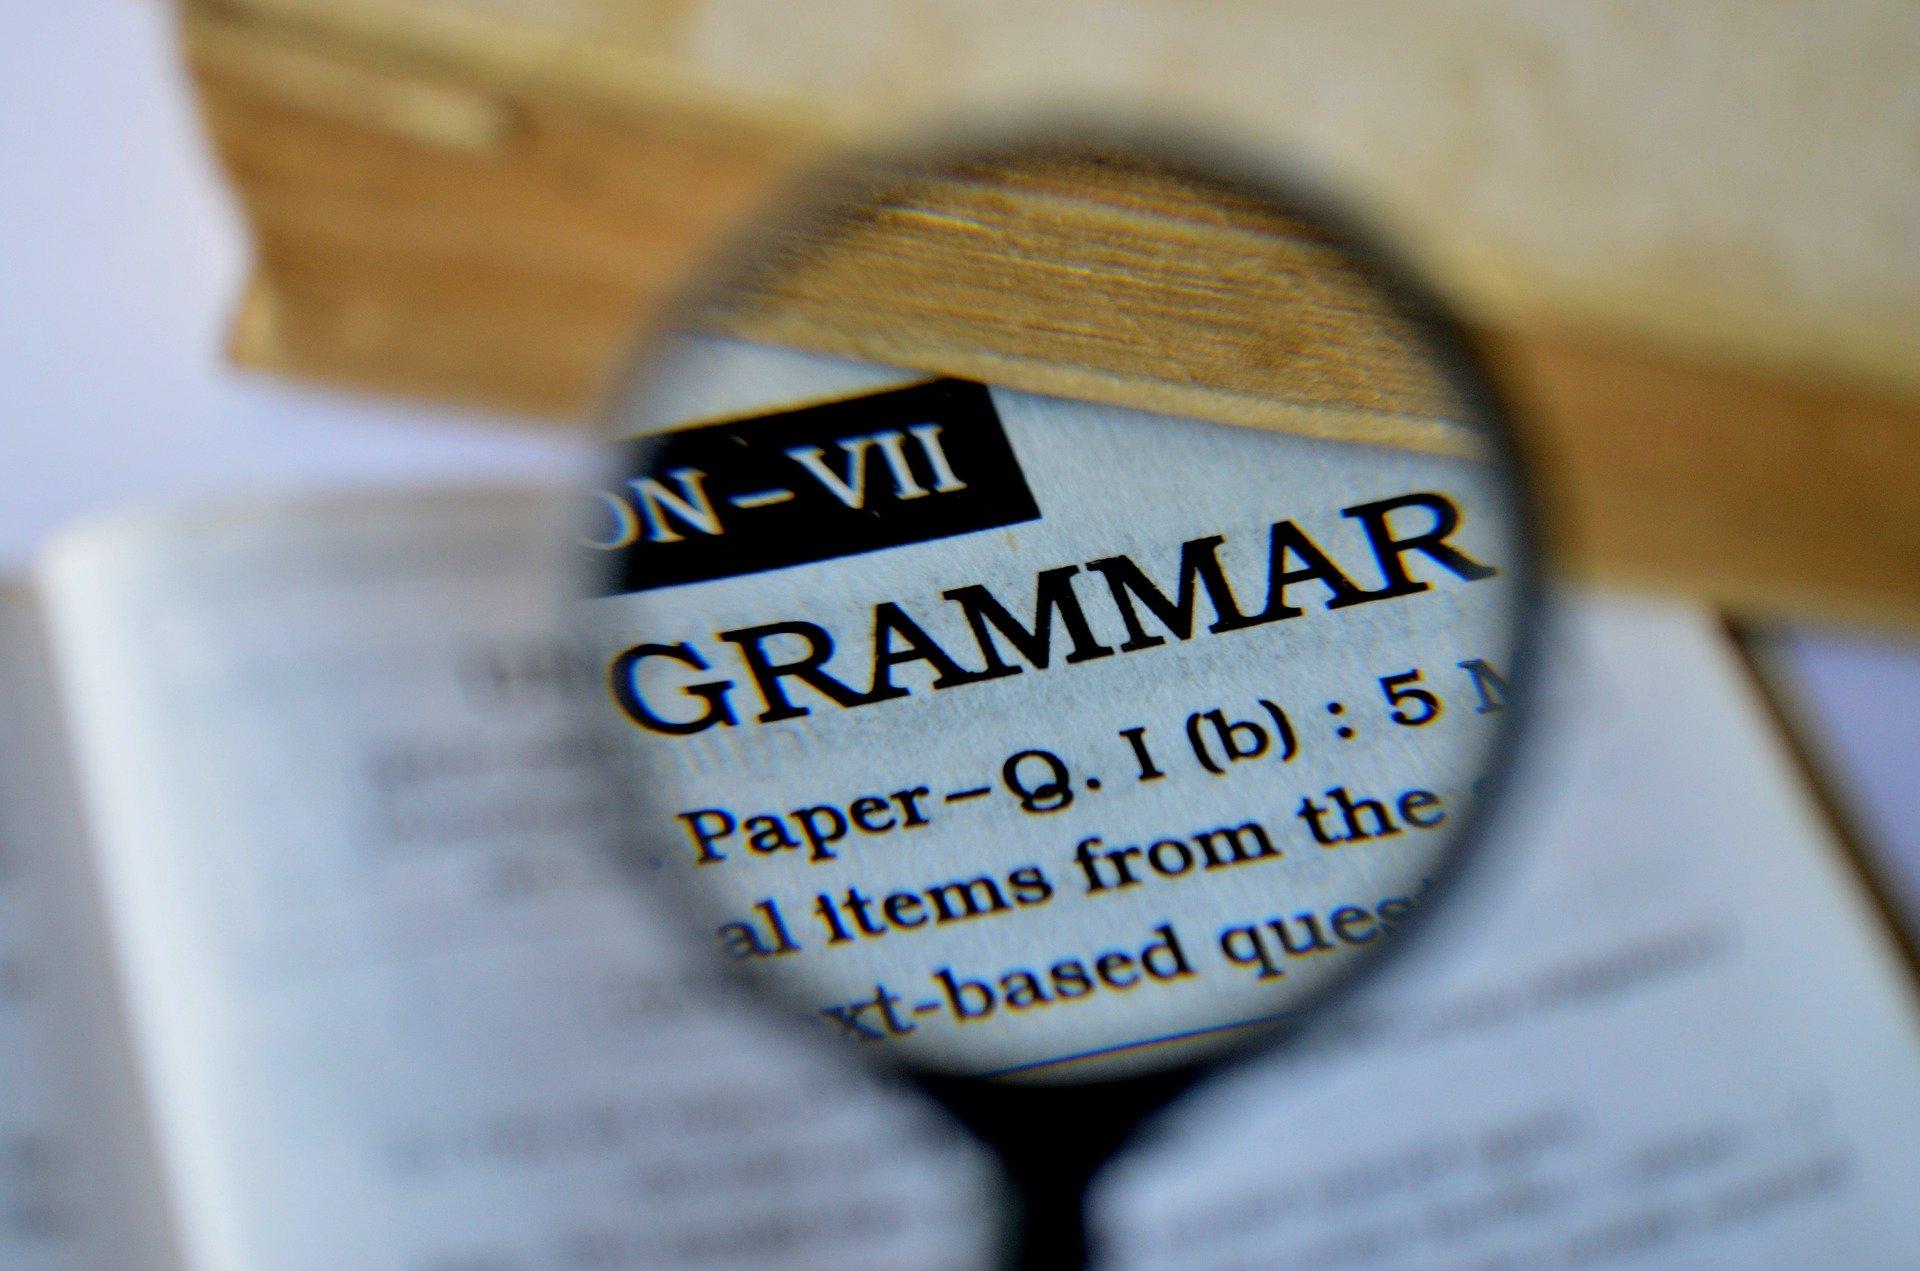 livro de gramatica inglesa com uma lupa de aumento